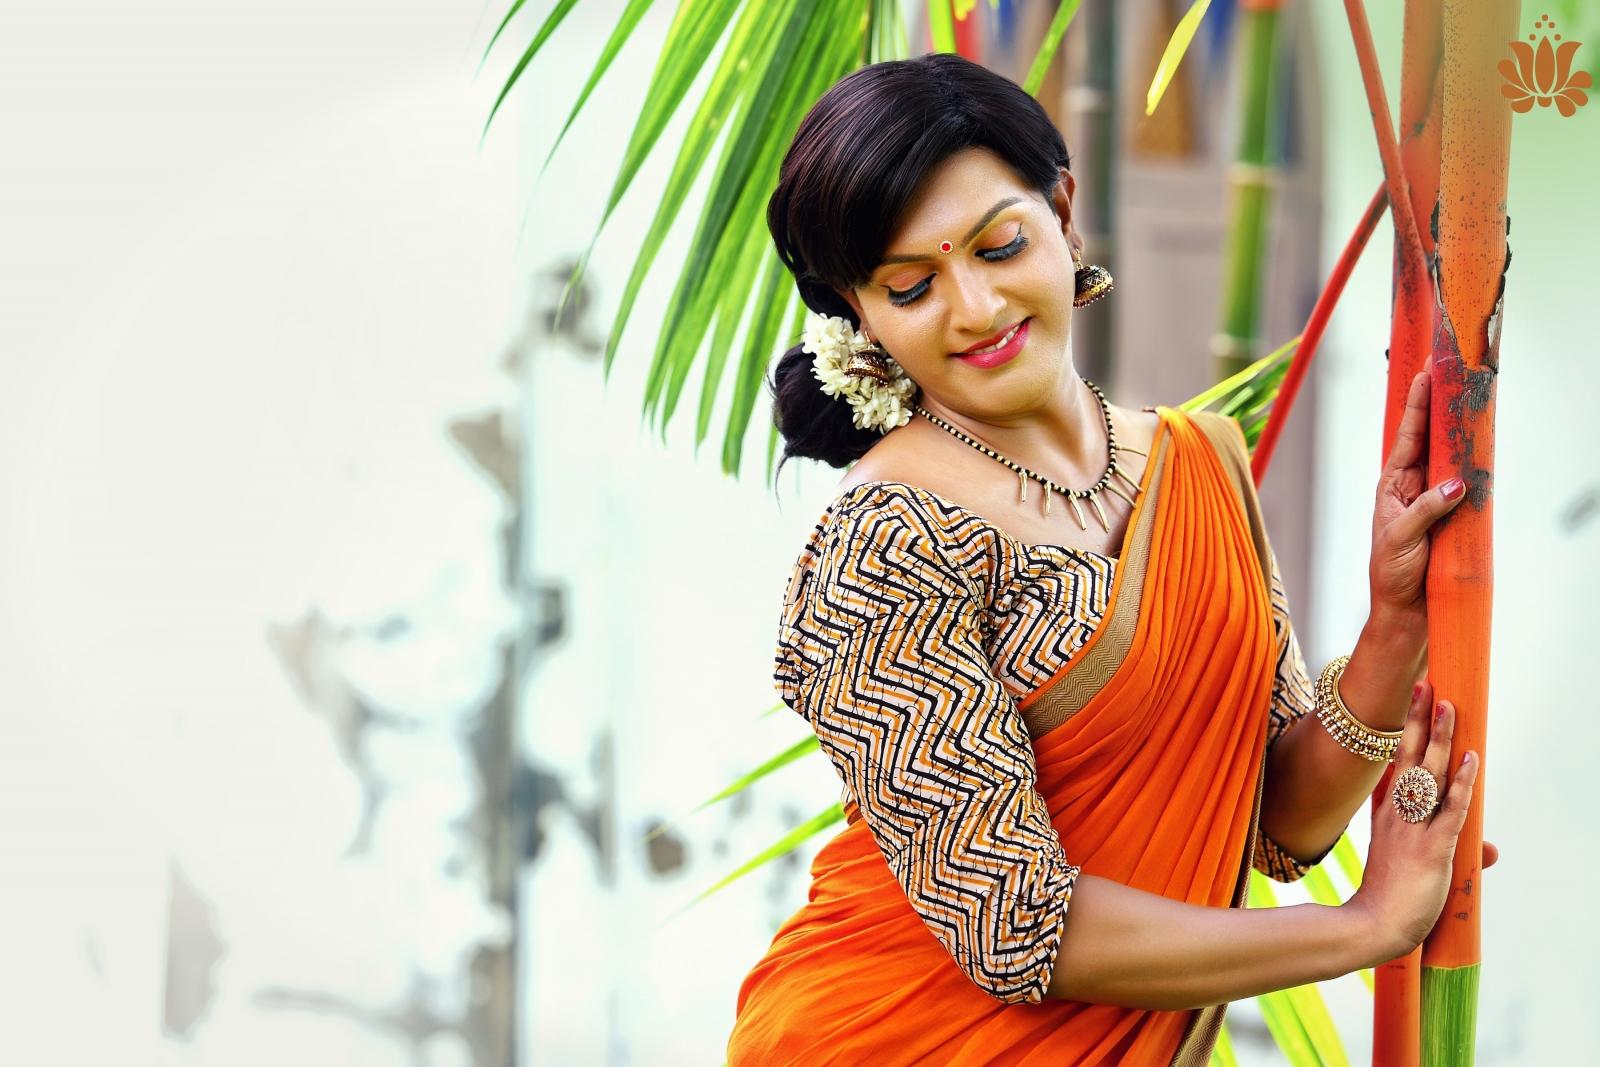 a6499e6e0f Indian fashion designer celebrates transgender models in new sari campaign